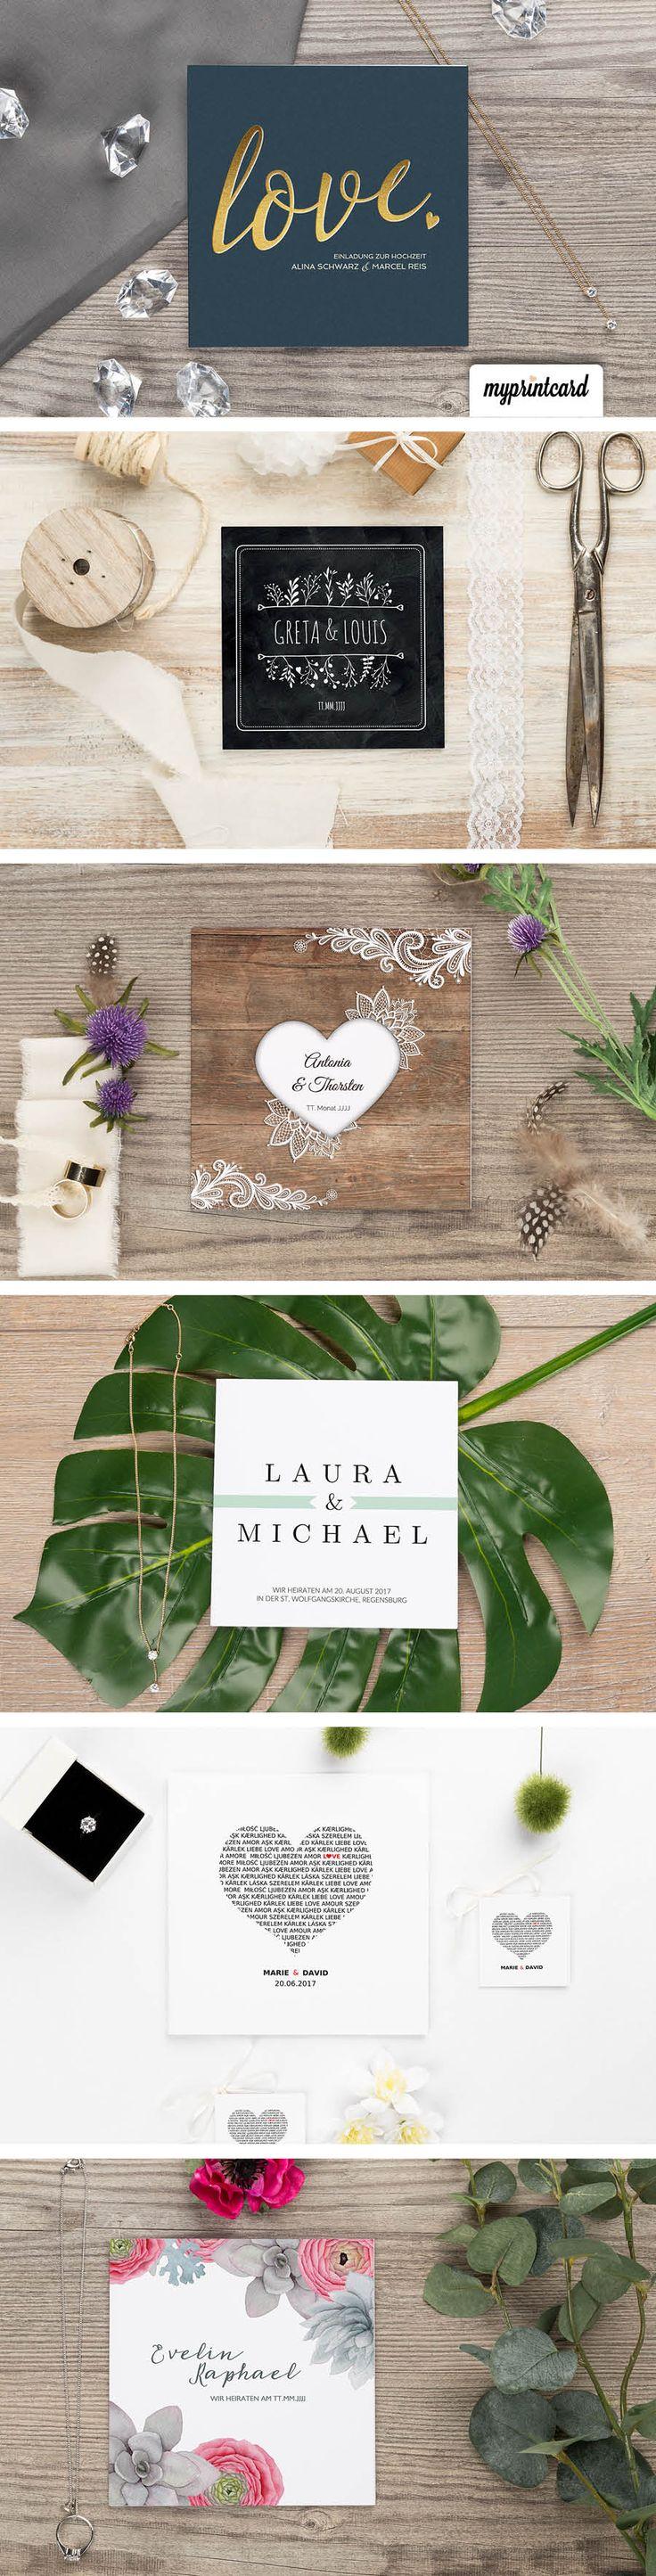 Traumhaft schöne Hochzeitseinladungen von myprintcard. Modern, trendig, romantisch, edel - Finde Dein Design! #hochzeit #einladung #hochzeitseinladung #romantisch #grün #blau #holz #rustikal #myprintcard #modern #vintage #ausgefallen #hochwertig #edel #chalkboard